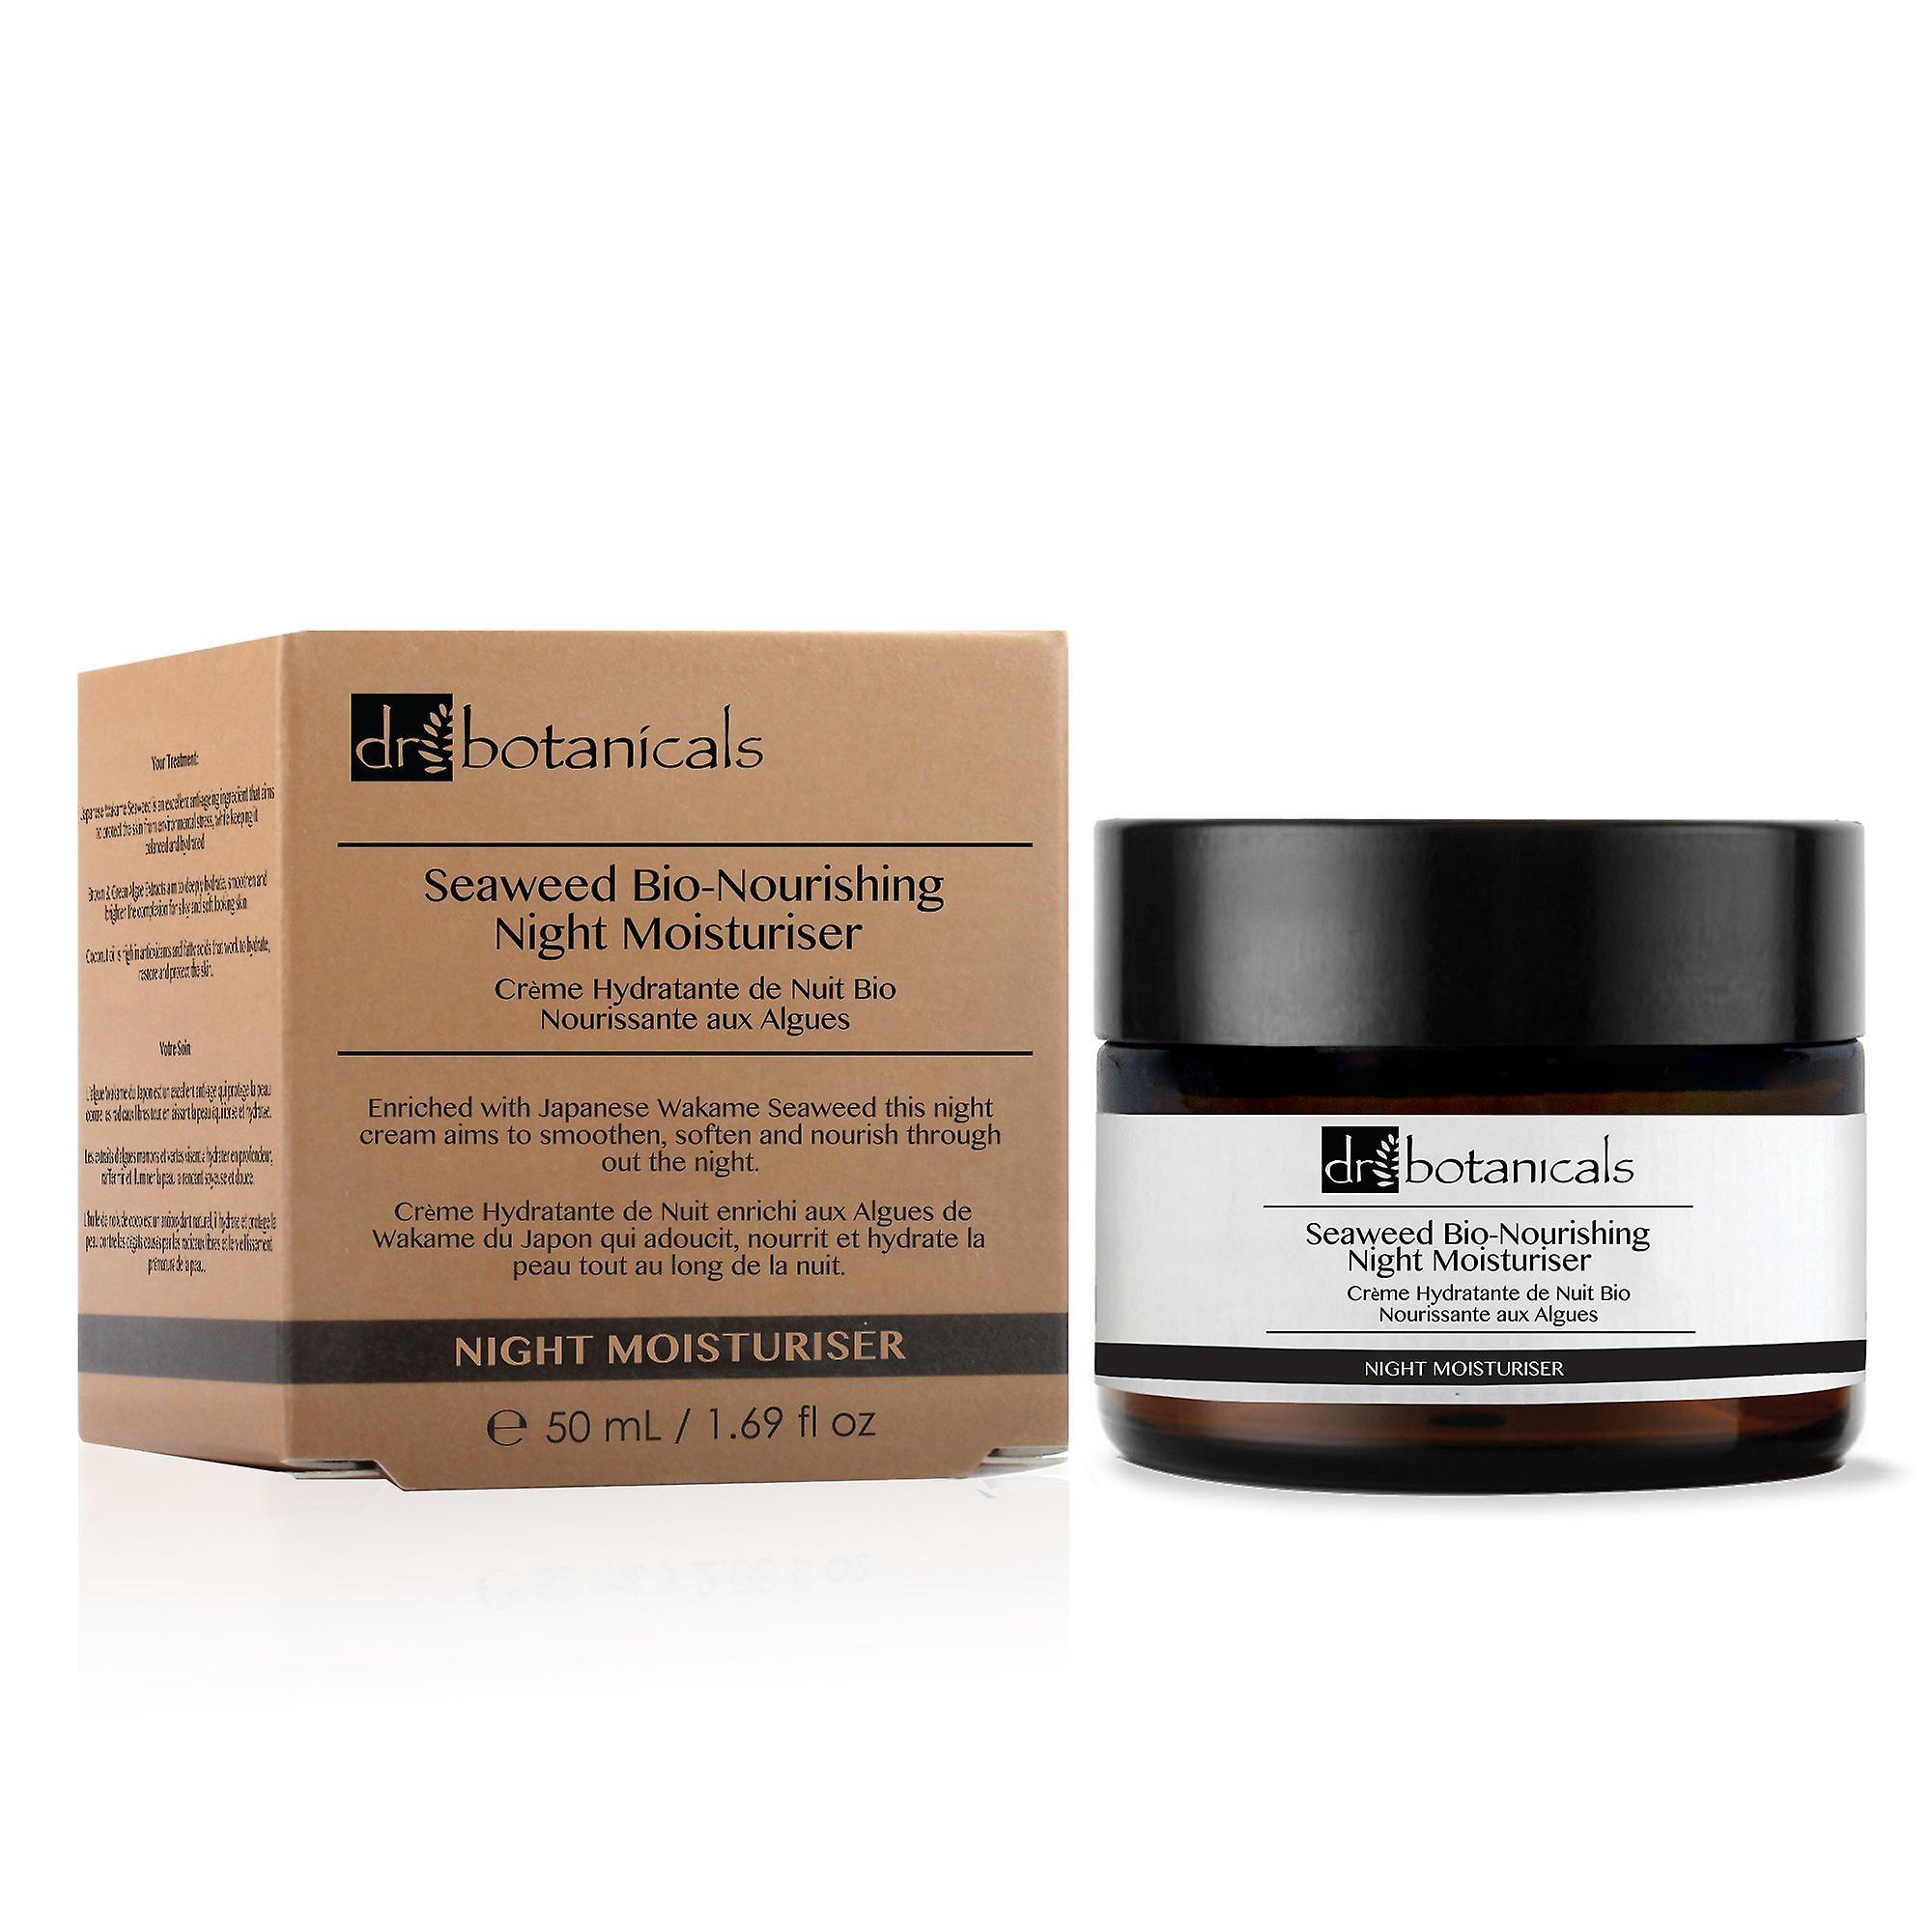 Seaweed bio-nourishing night moisturiser